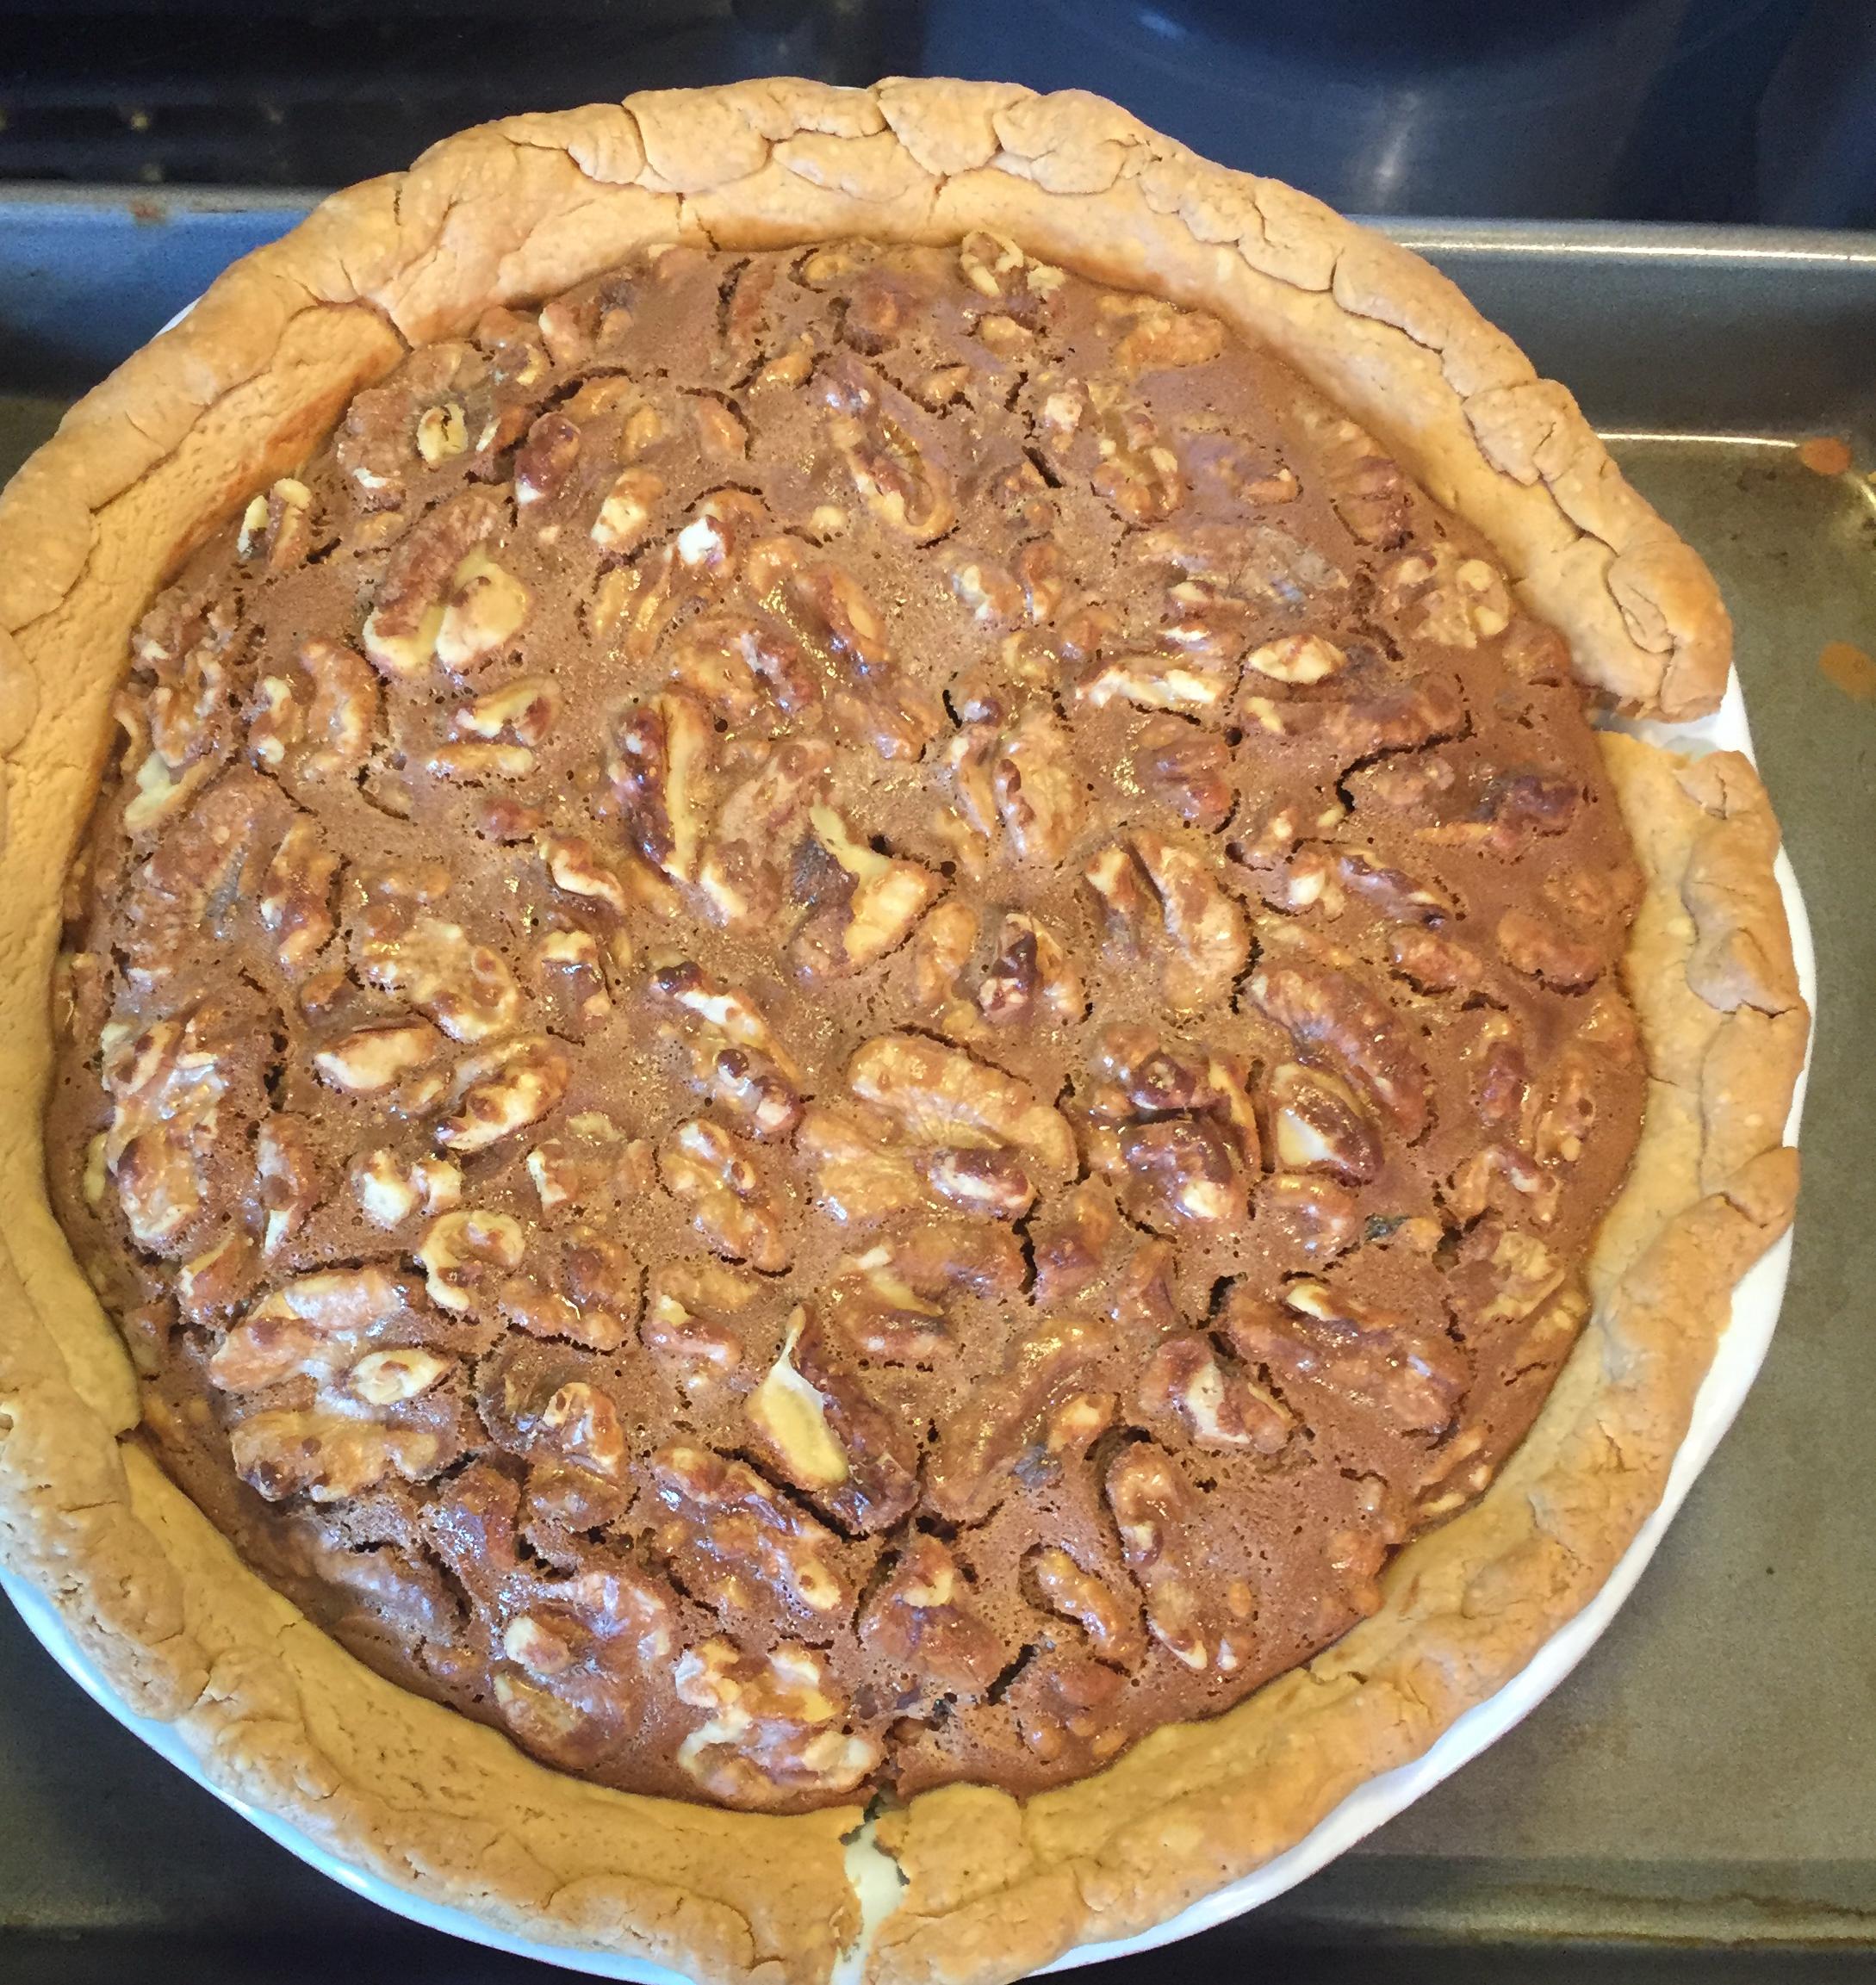 Mocha Walnut Pie